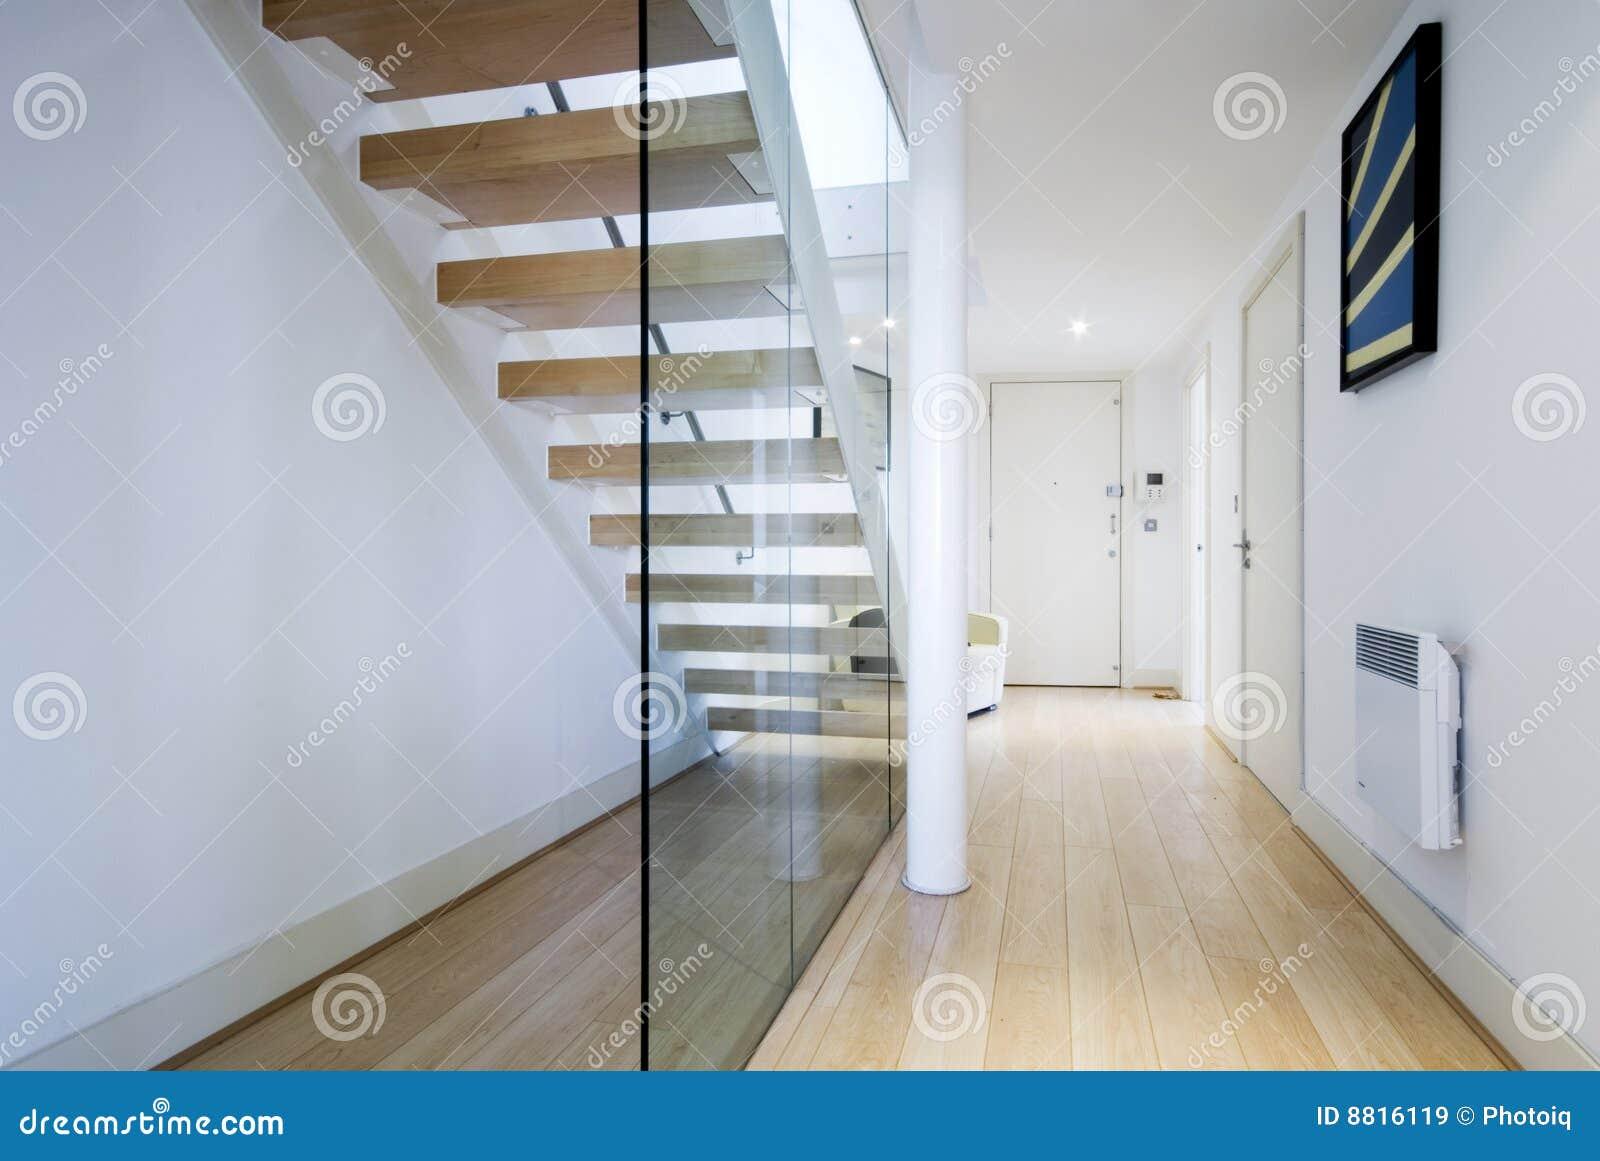 hall d 39 entr e avec l 39 escalier images libres de droits On hall entree avec escalier